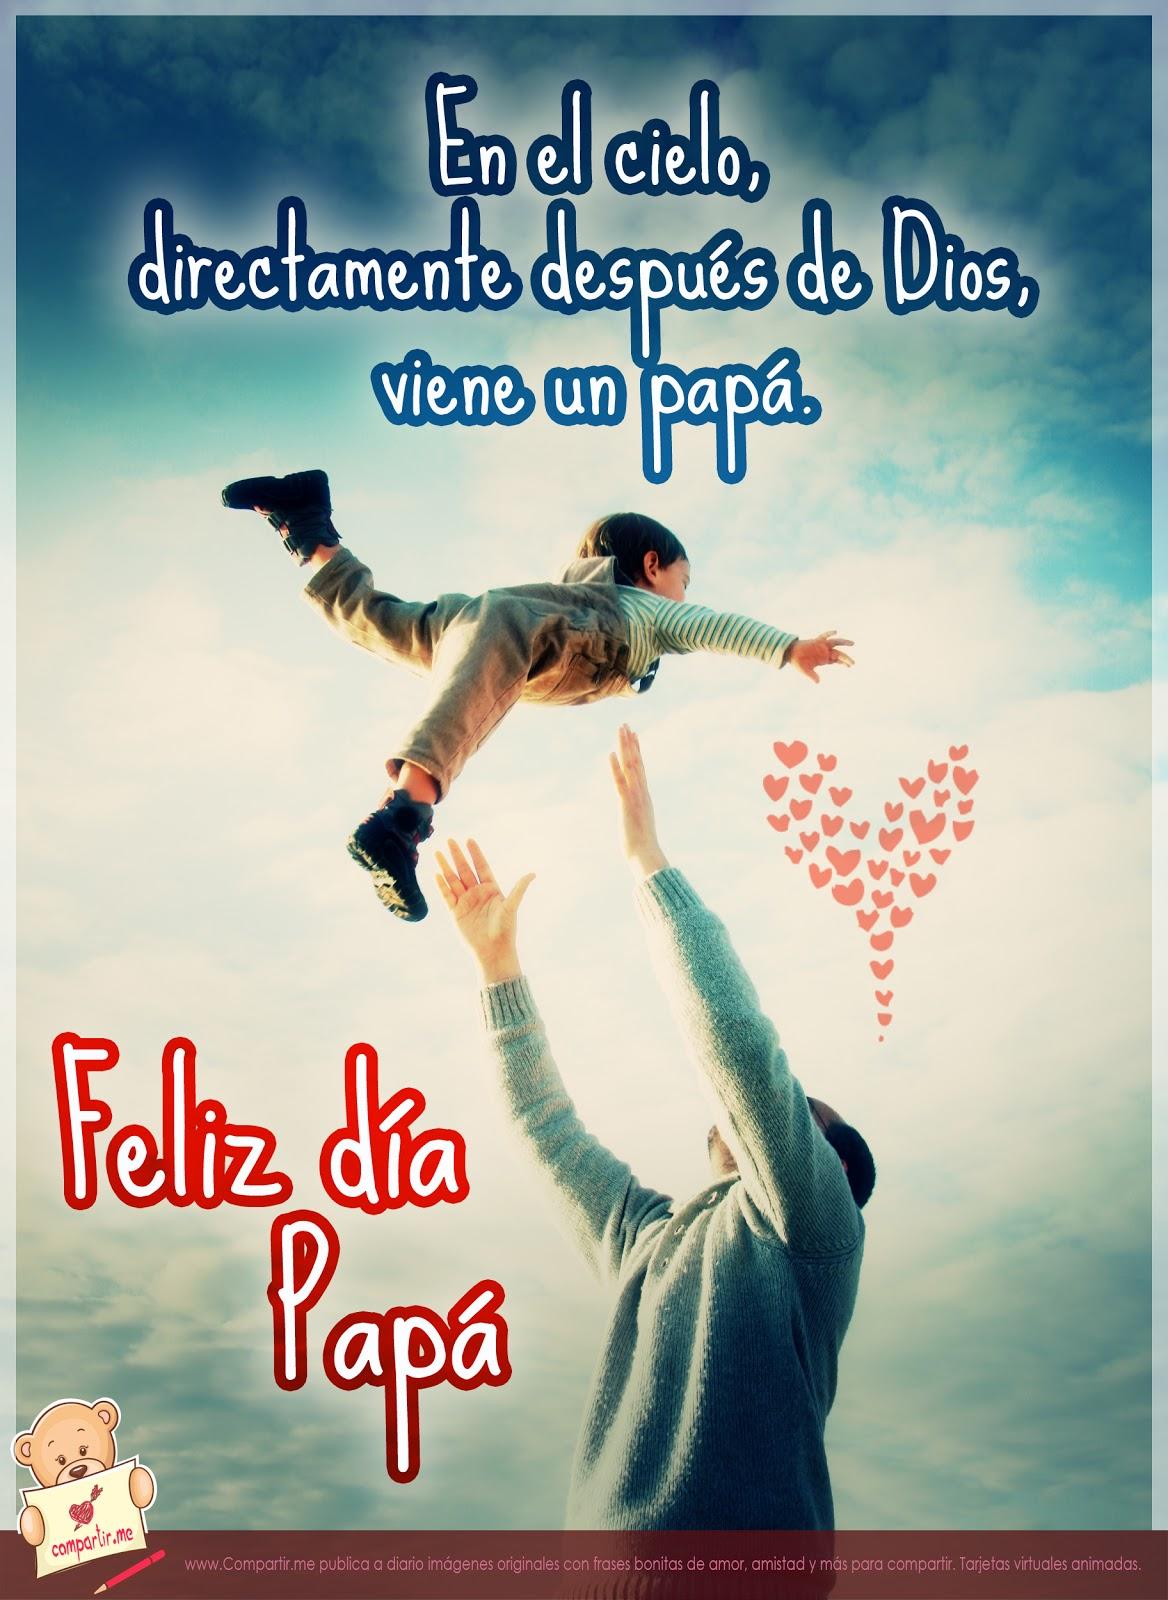 directamente después de Dios, viene un papá. ¡Feliz día del Padre